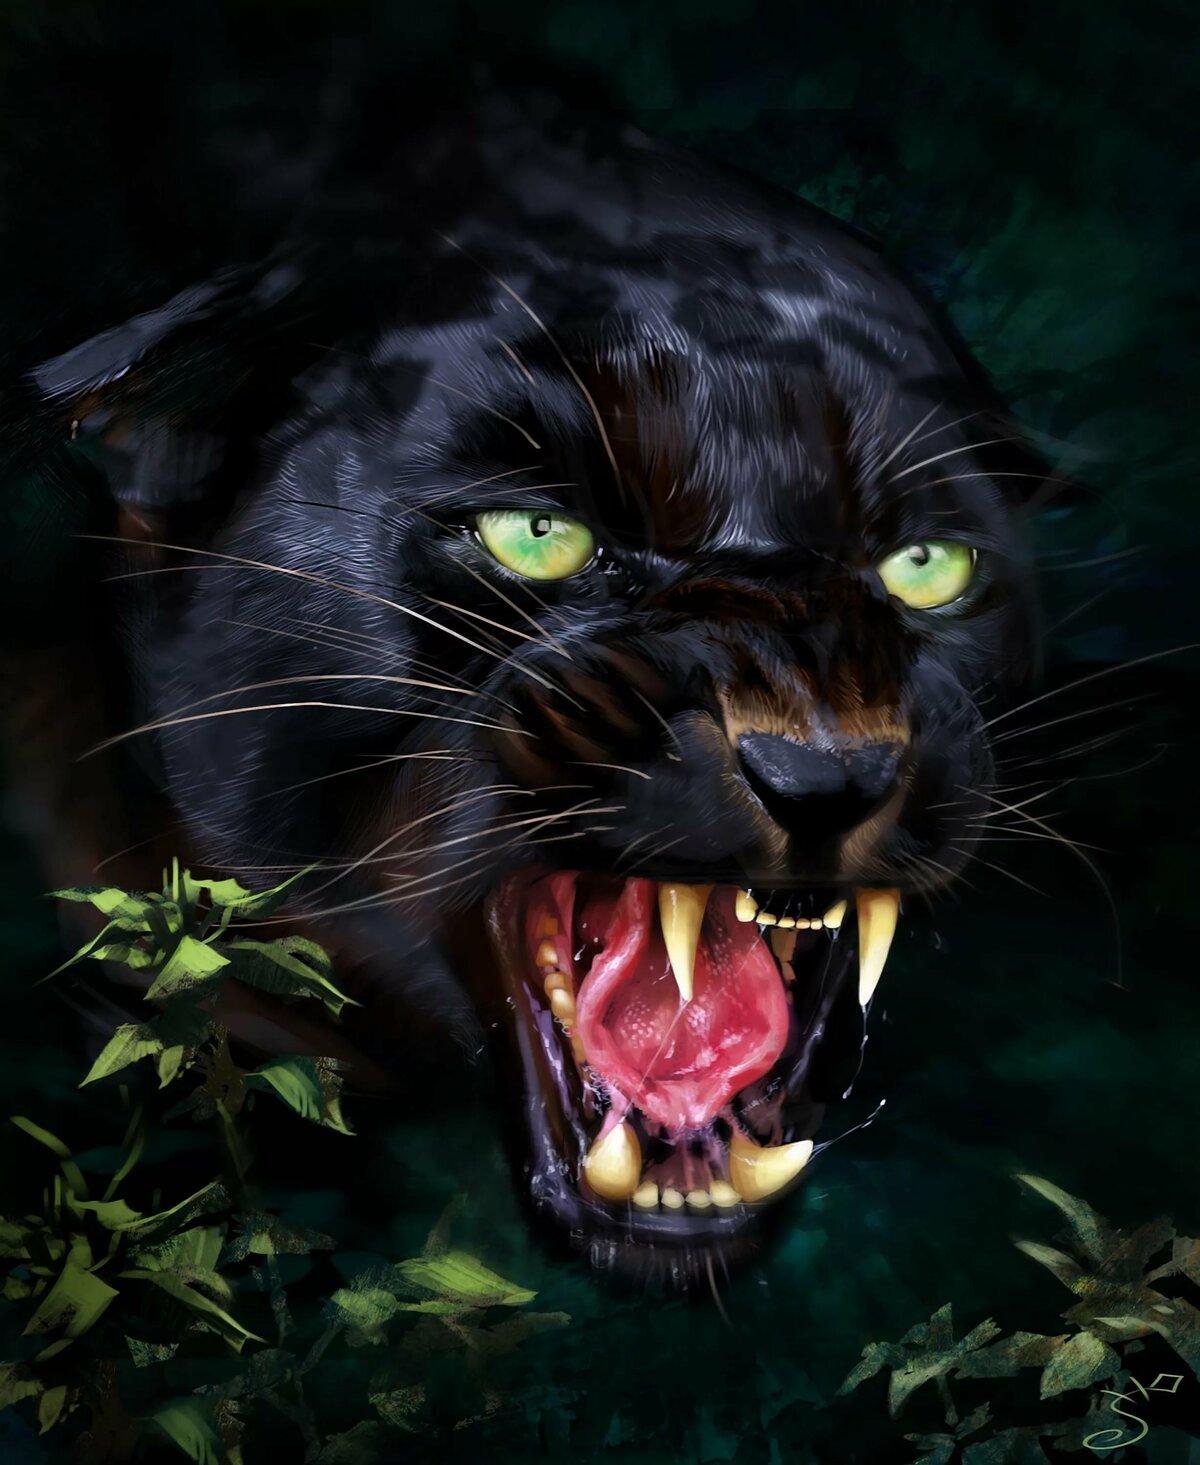 картинка оскала черной пантеры был